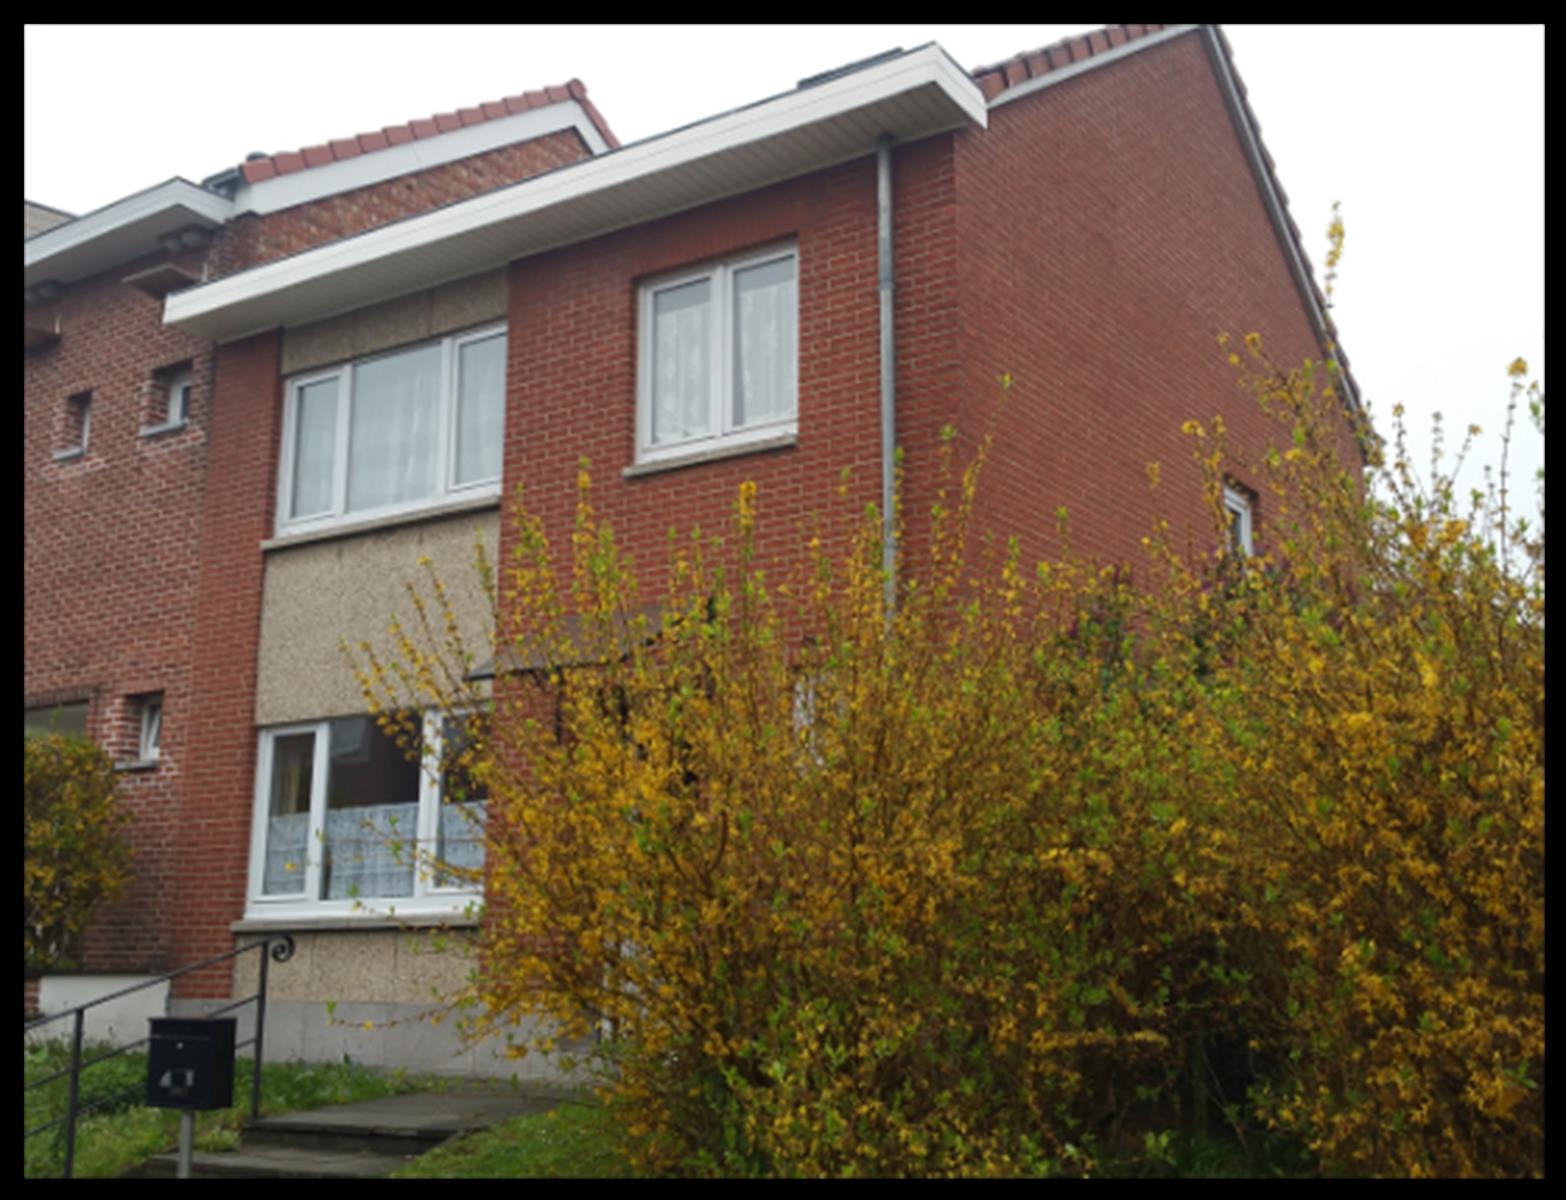 Maison - Woluwe-Saint-Pierre - #3793684-0